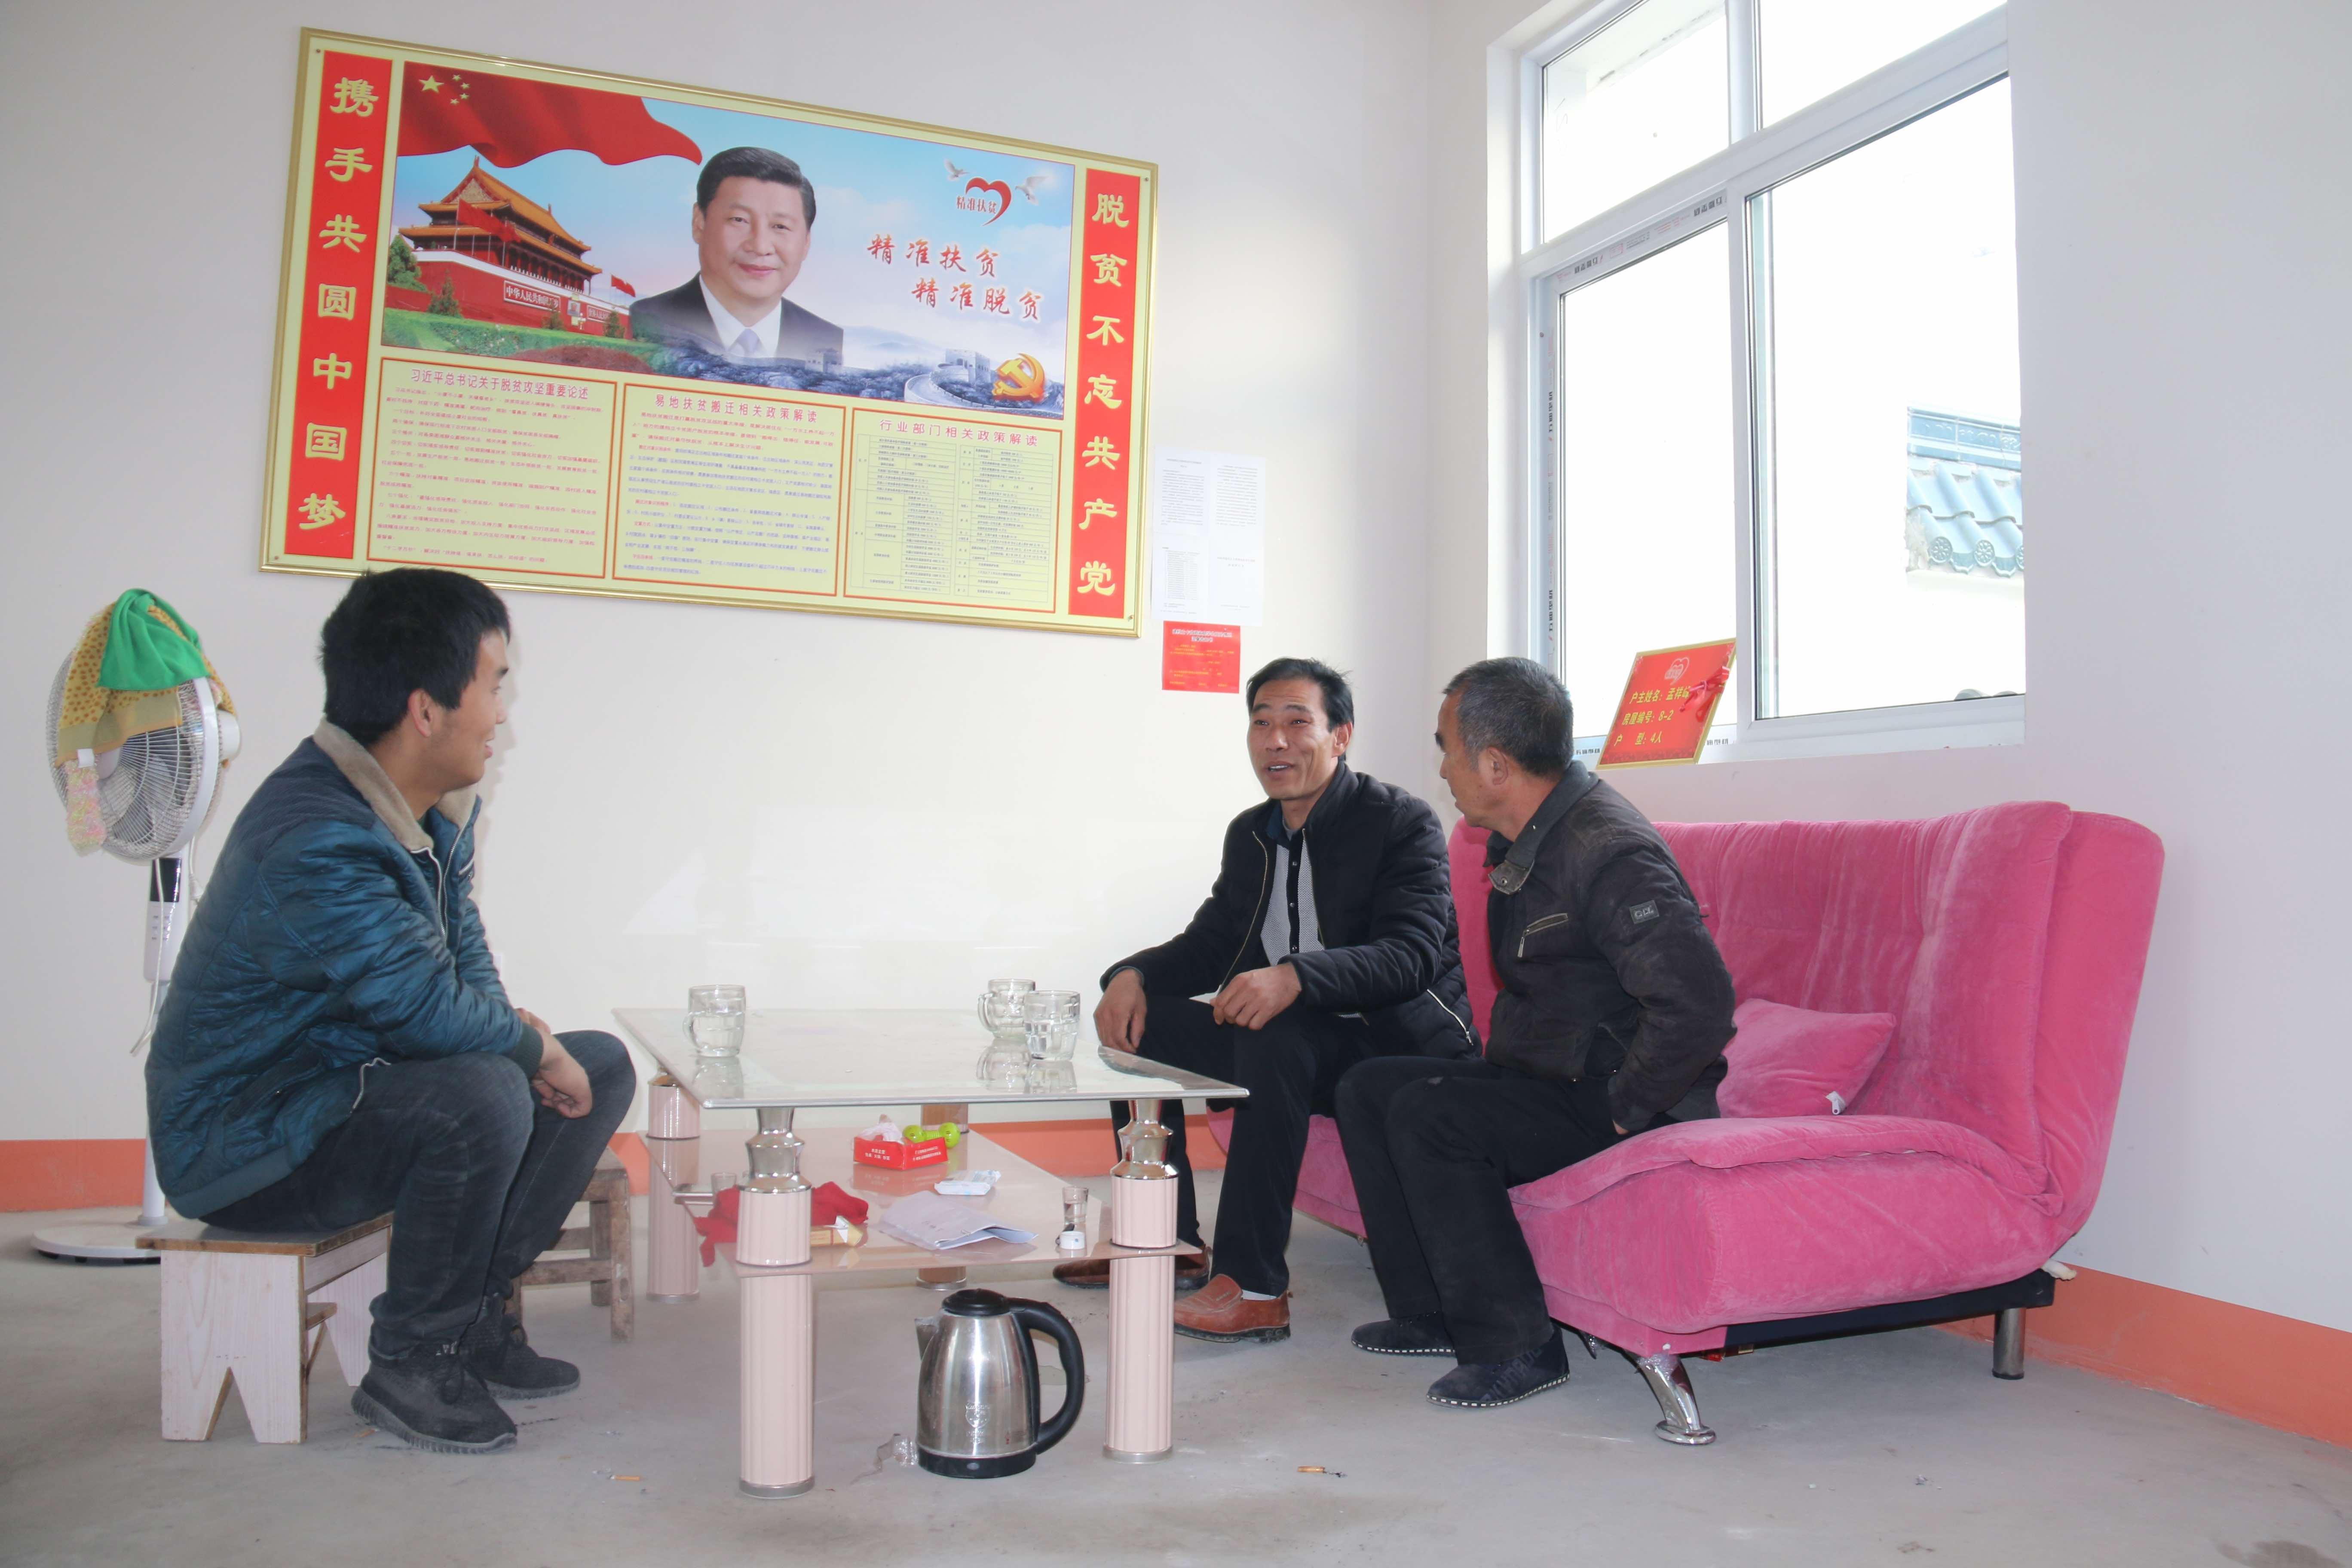 贫困搬迁户孟祥峰新居客厅一角。